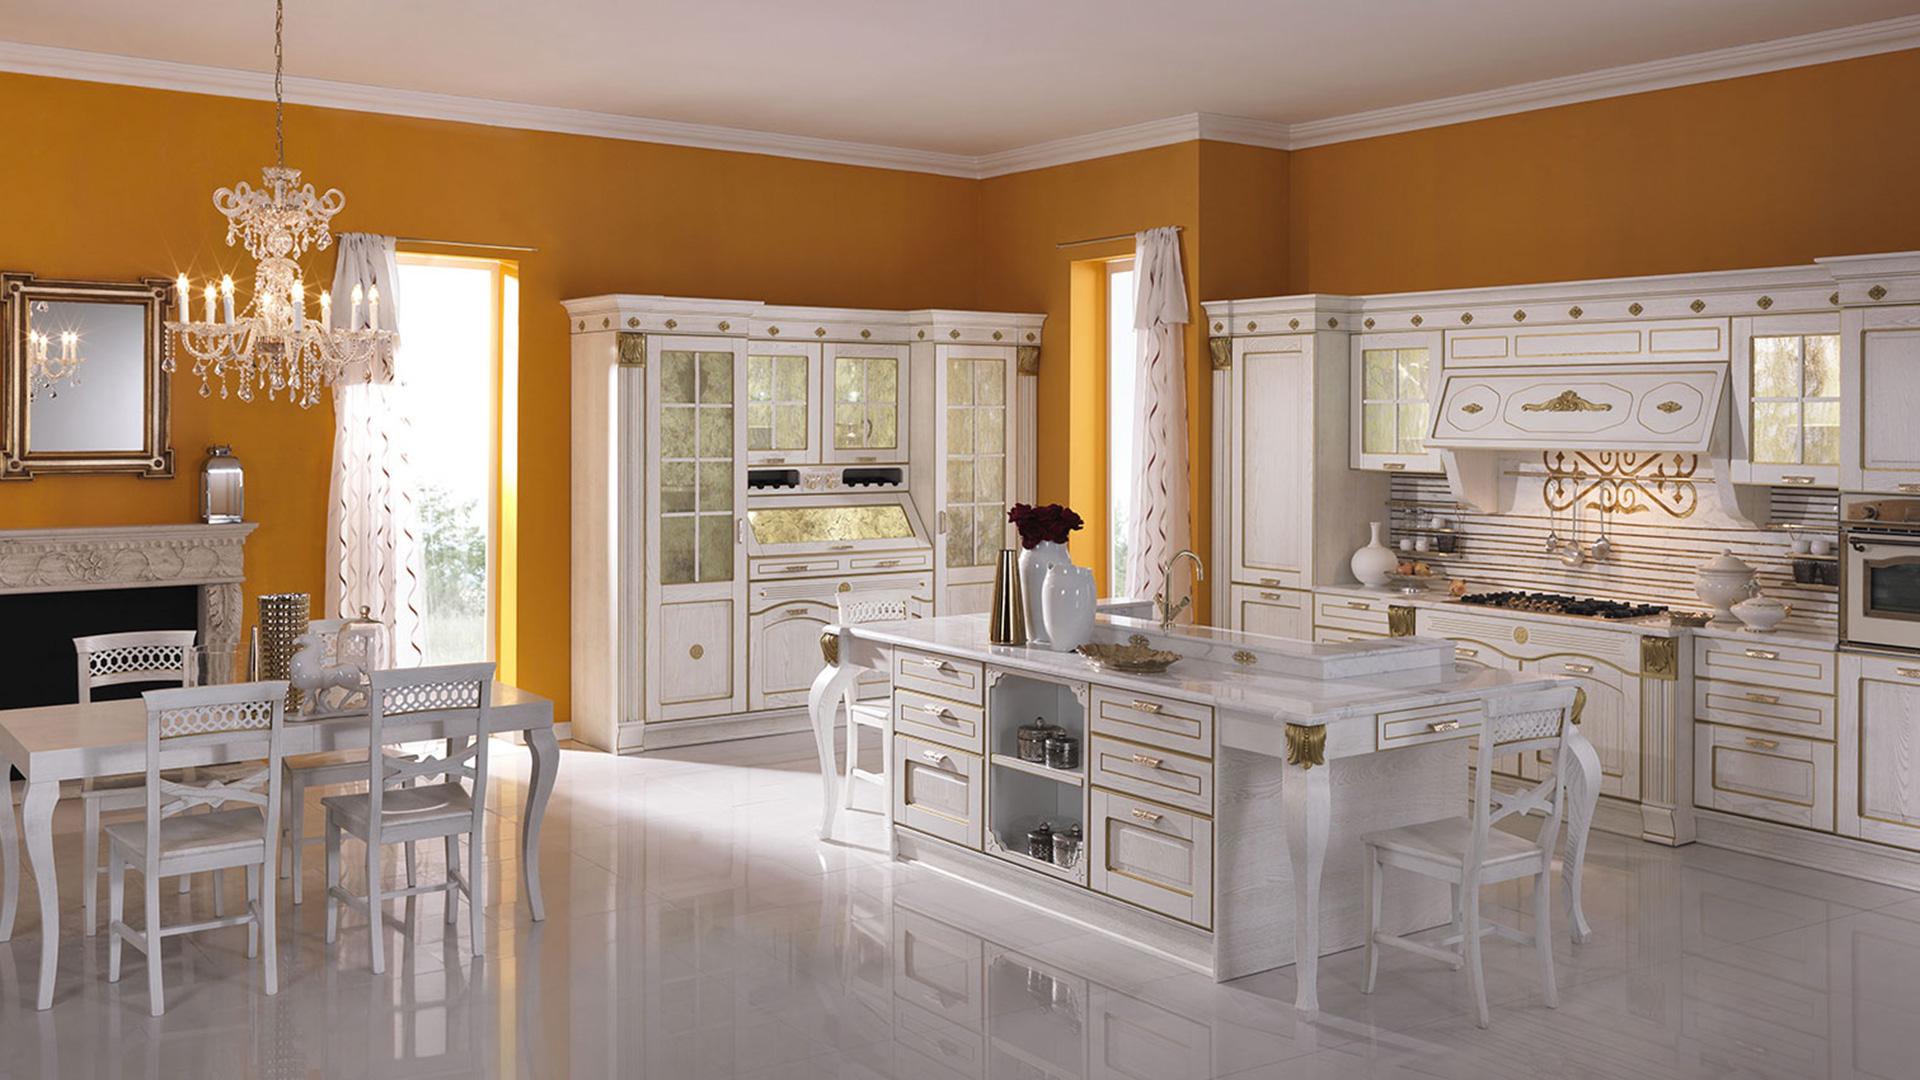 Cucine Classiche : Potrete Scegliere Tra Cucine Moderne Classiche  #B77C14 1920 1080 Foto Di Cucine Bellissime